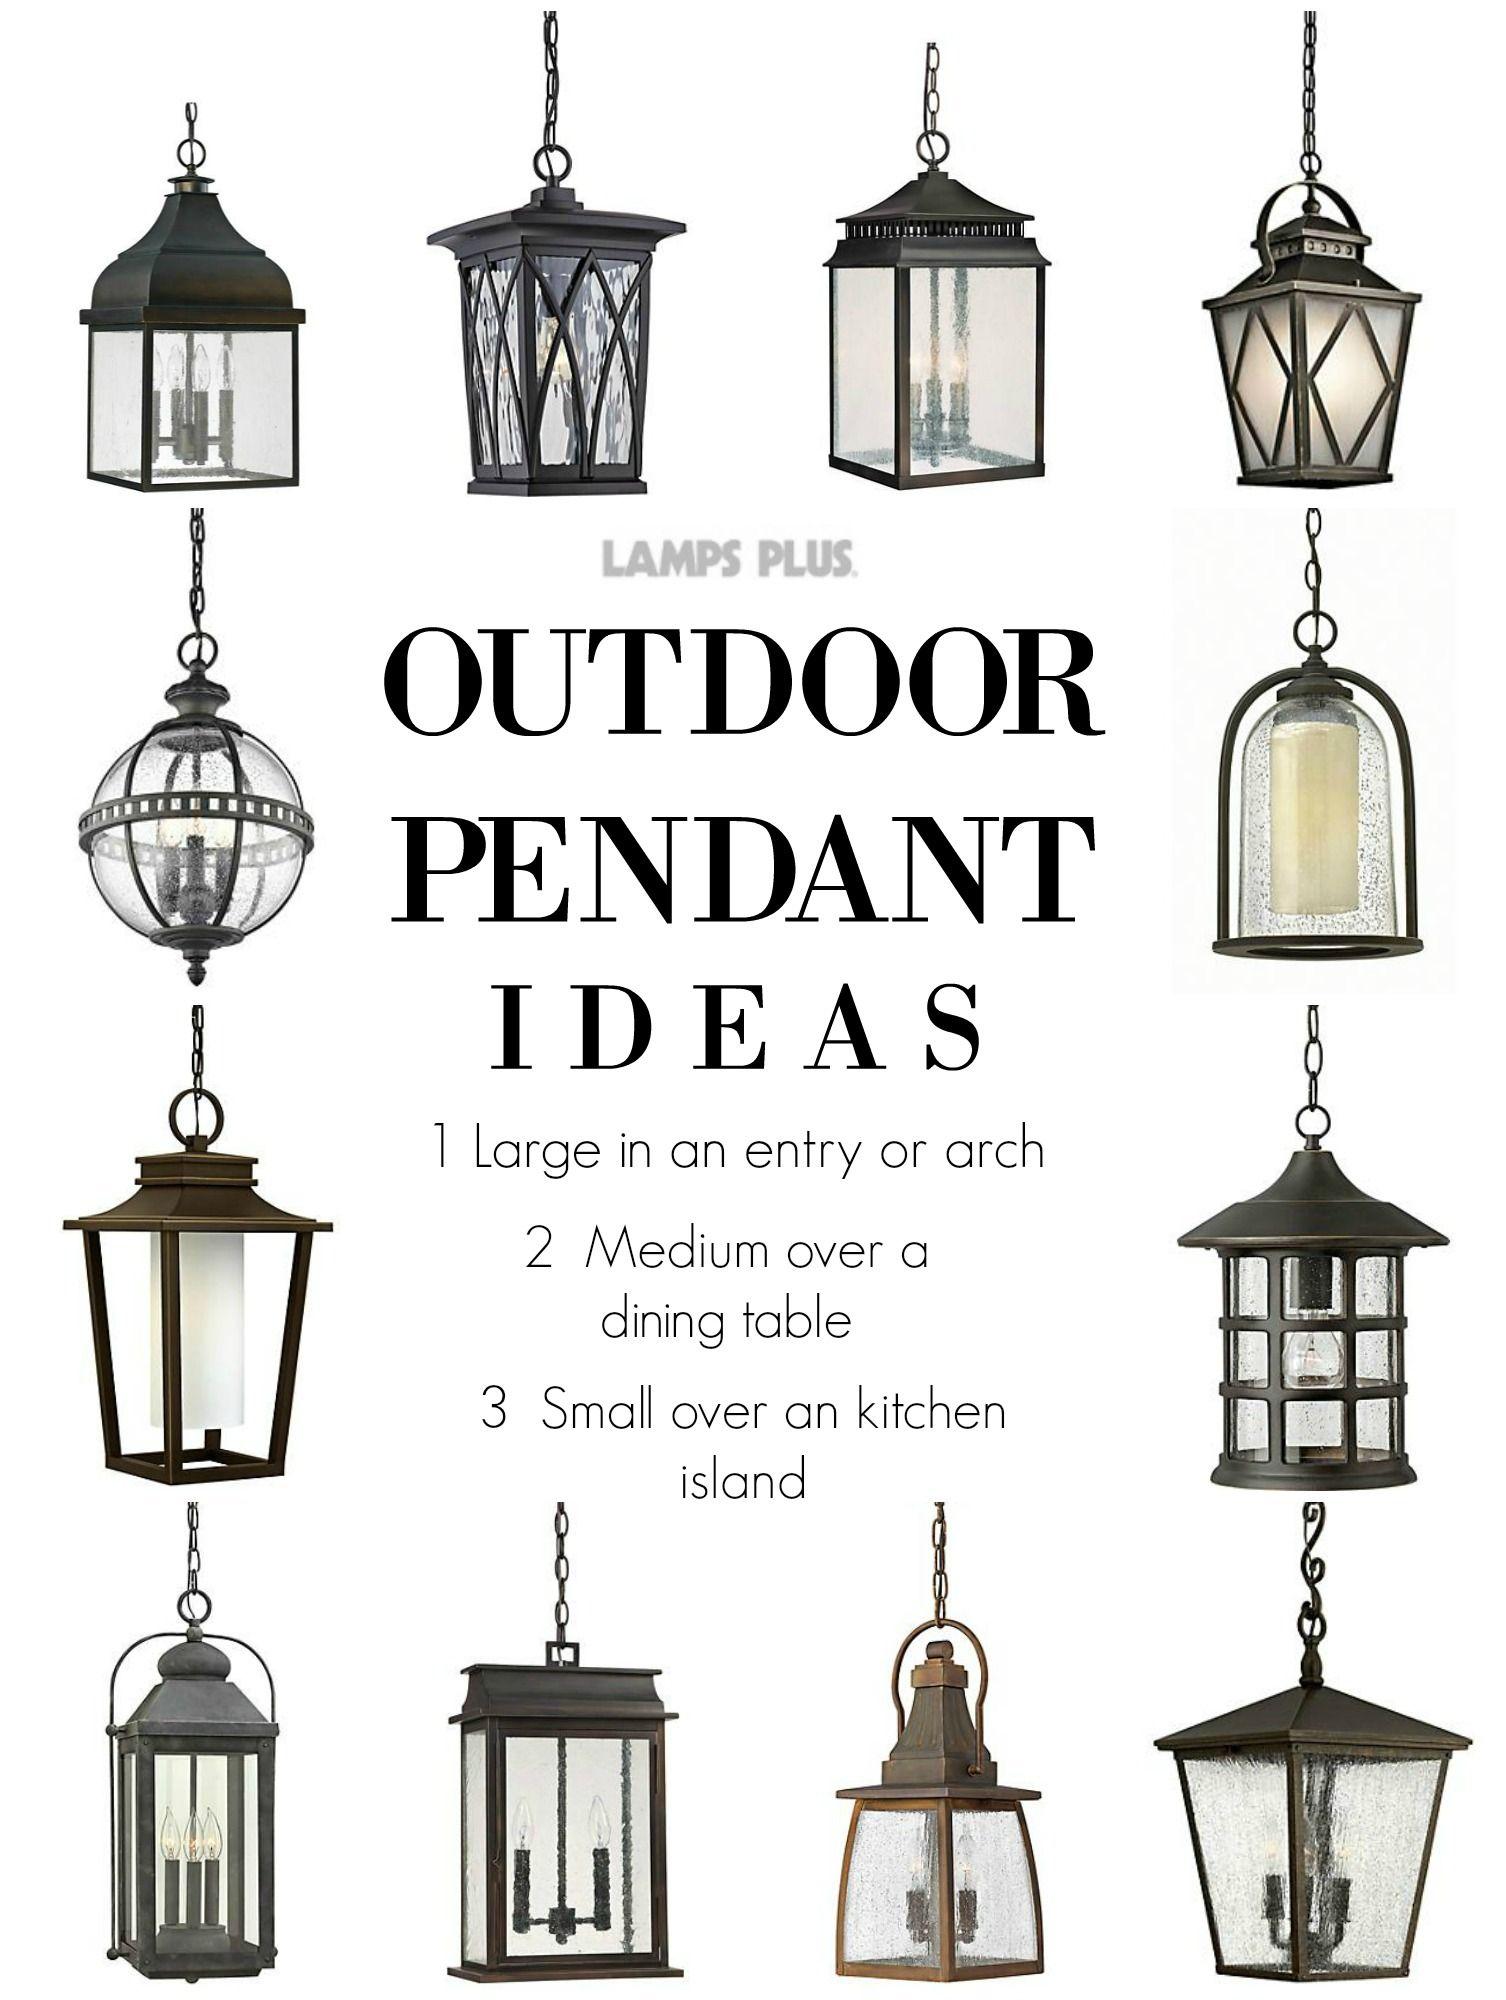 Outdoor Lighting Outdoor Pendant Ideas From Lampsplus